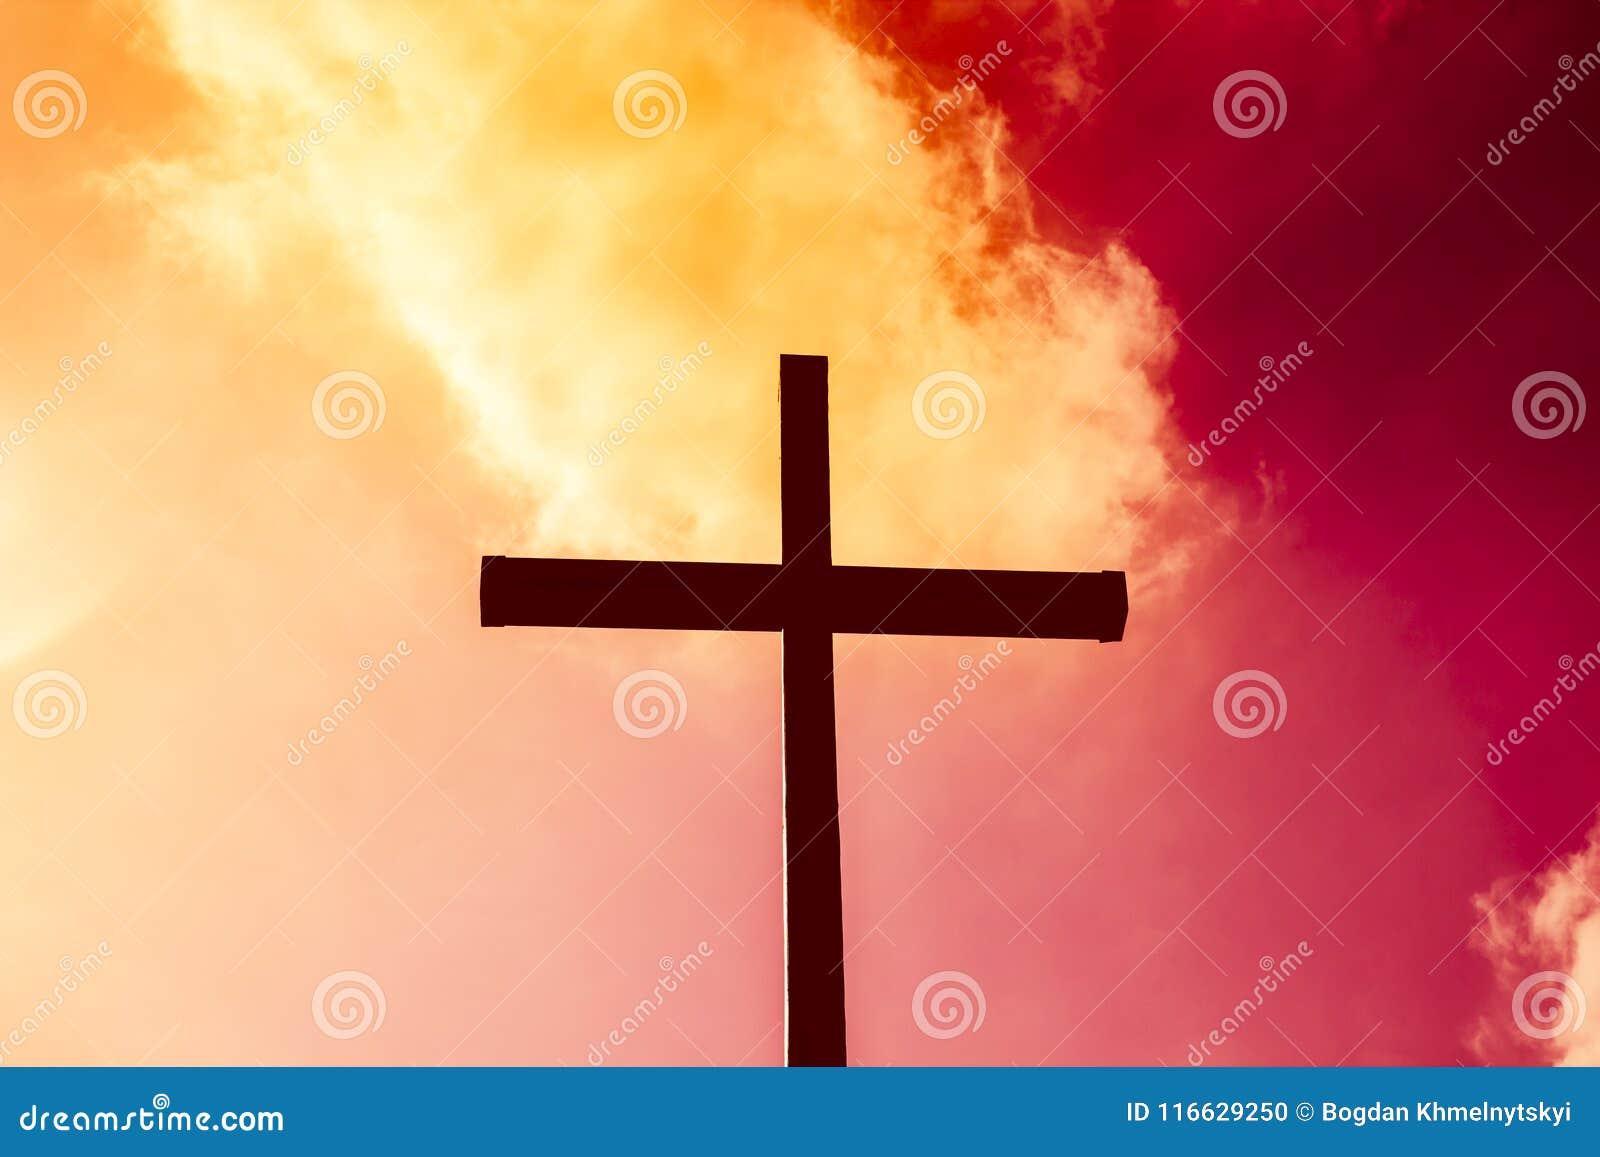 Μαύρος σταυρός σε ένα υπόβαθρο του κόκκινου και κίτρινου φλεμένος ουρανού, από